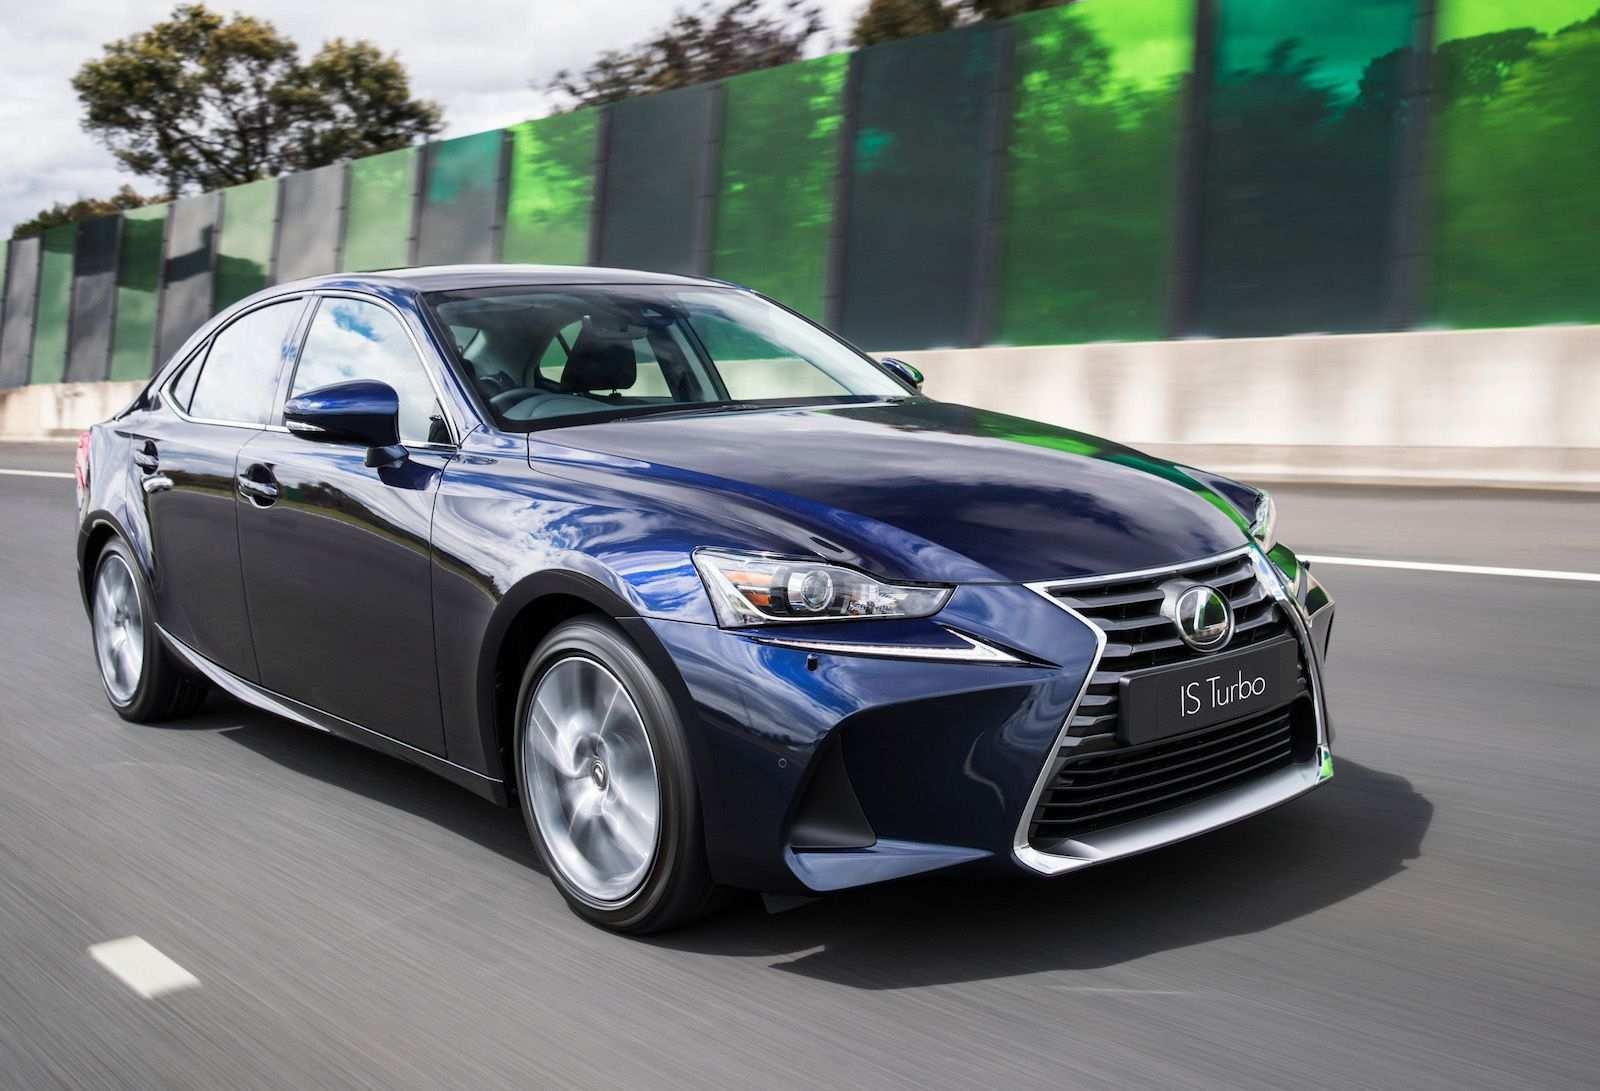 85 All New Lexus Is 200T 2020 Speed Test by Lexus Is 200T 2020